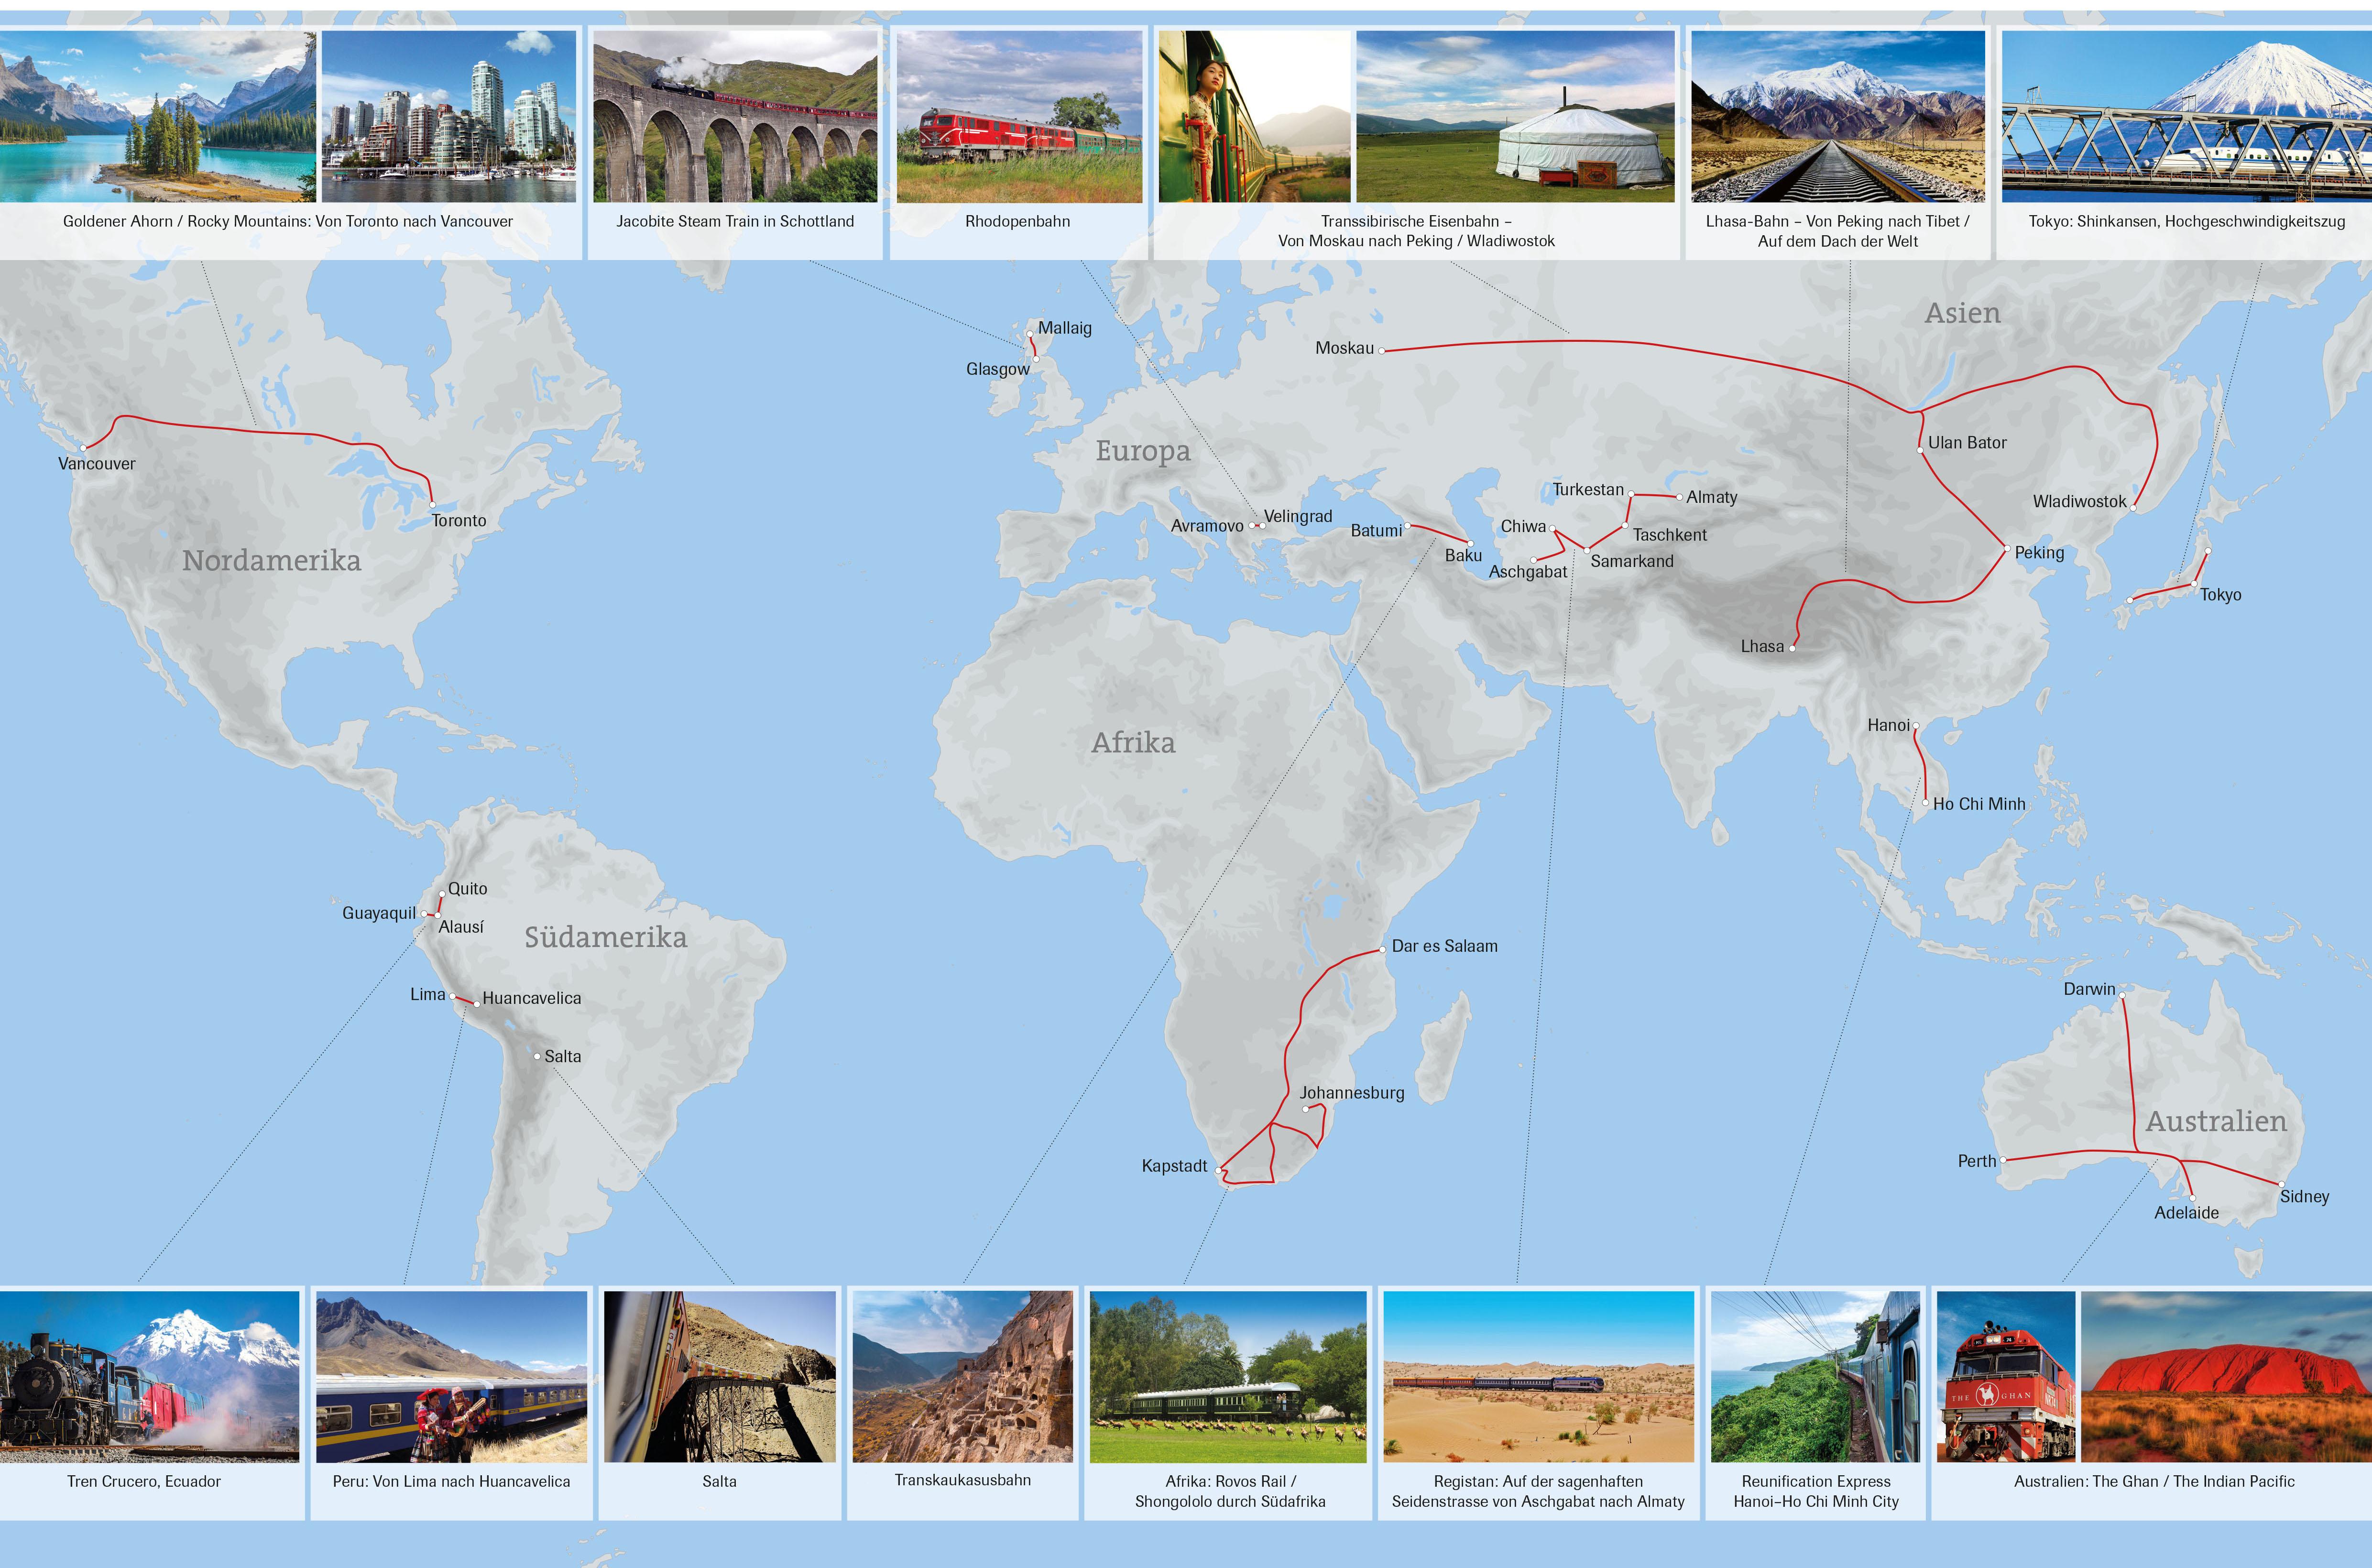 WeltKarte_Zug-Bahnstrecken_Routen_GloboTrain_Map_V2_ohneHeader.jpg